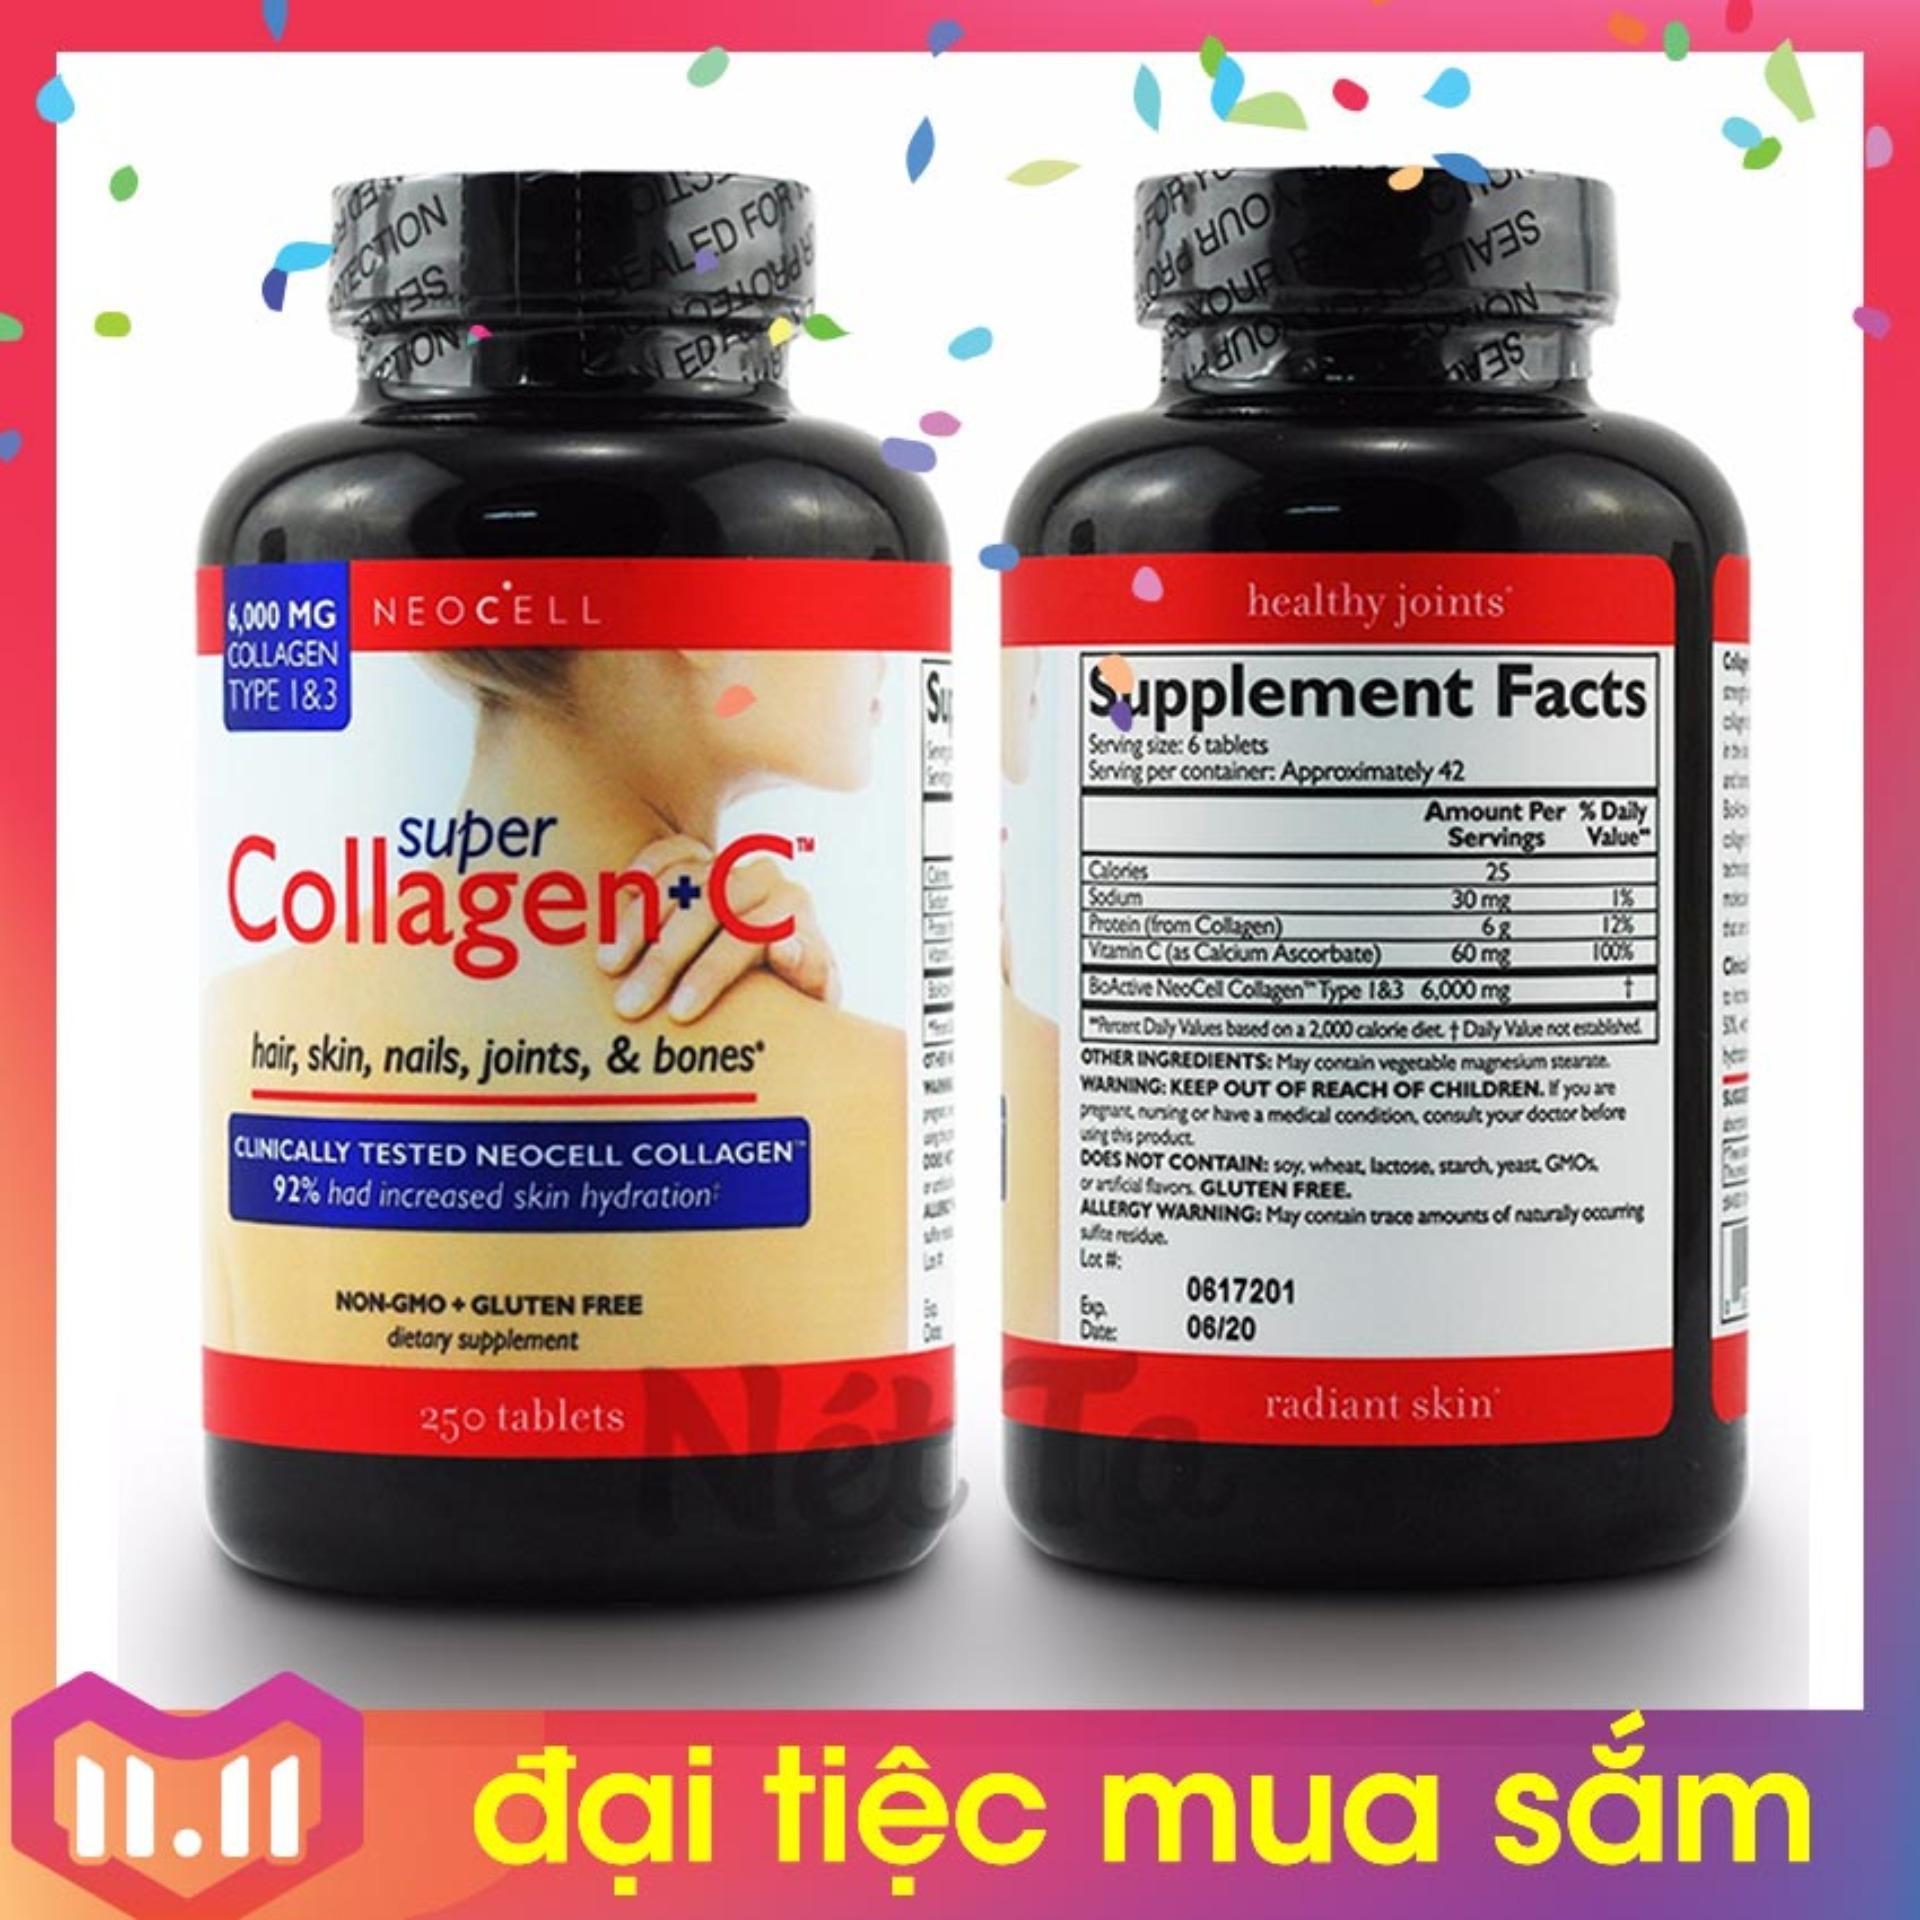 Neocell Super Collagen + C 6000 mg Collagen Type 1&3 hộp 250 viên - Mỹ - chăm sóc da, tóc, móng và xương khớp